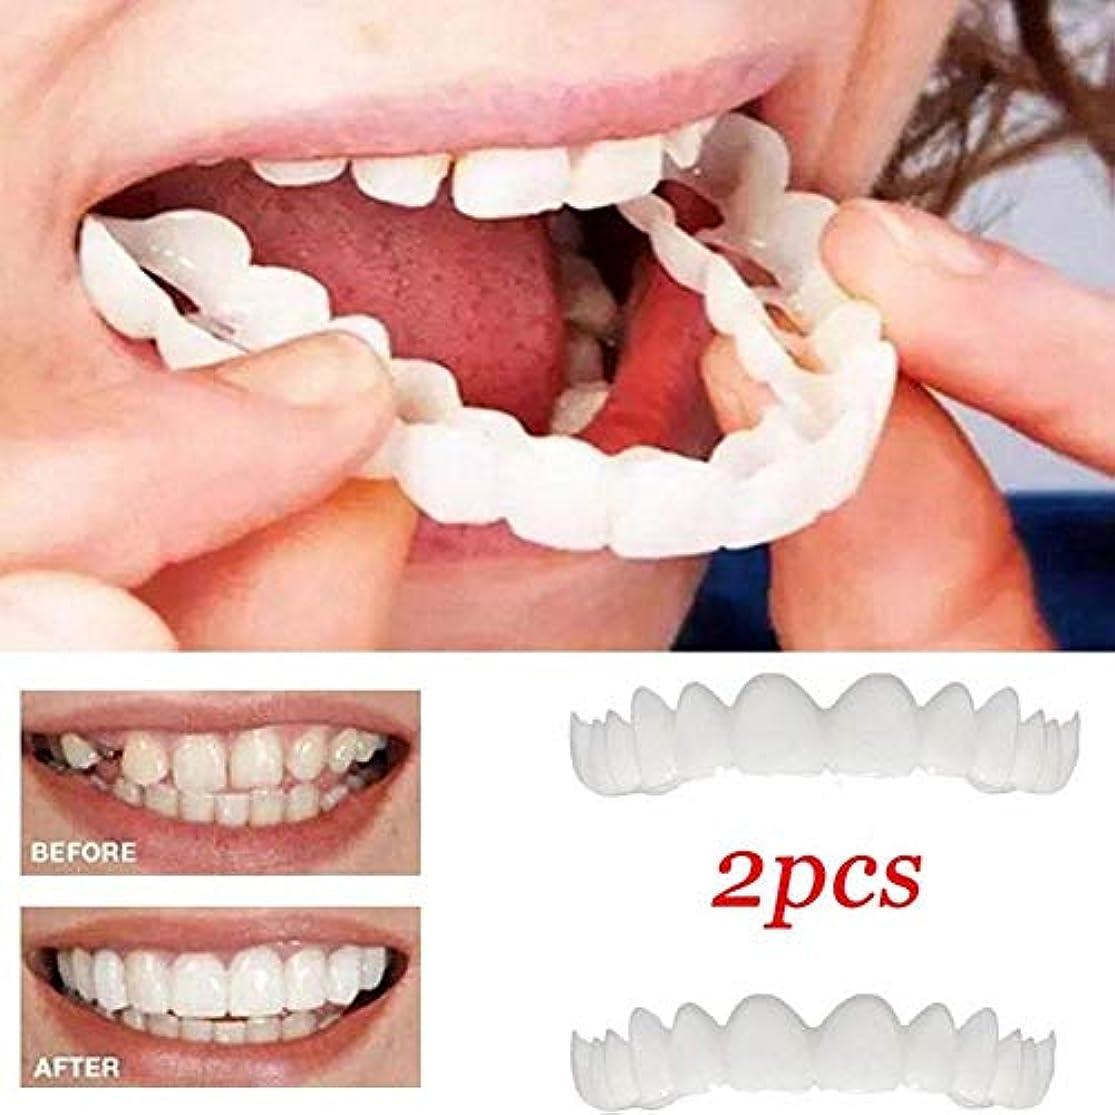 結婚する地震状ユニセックスシリコンシミュレーション義歯、ホワイトニングフィット義歯(上下の歯のセット),A